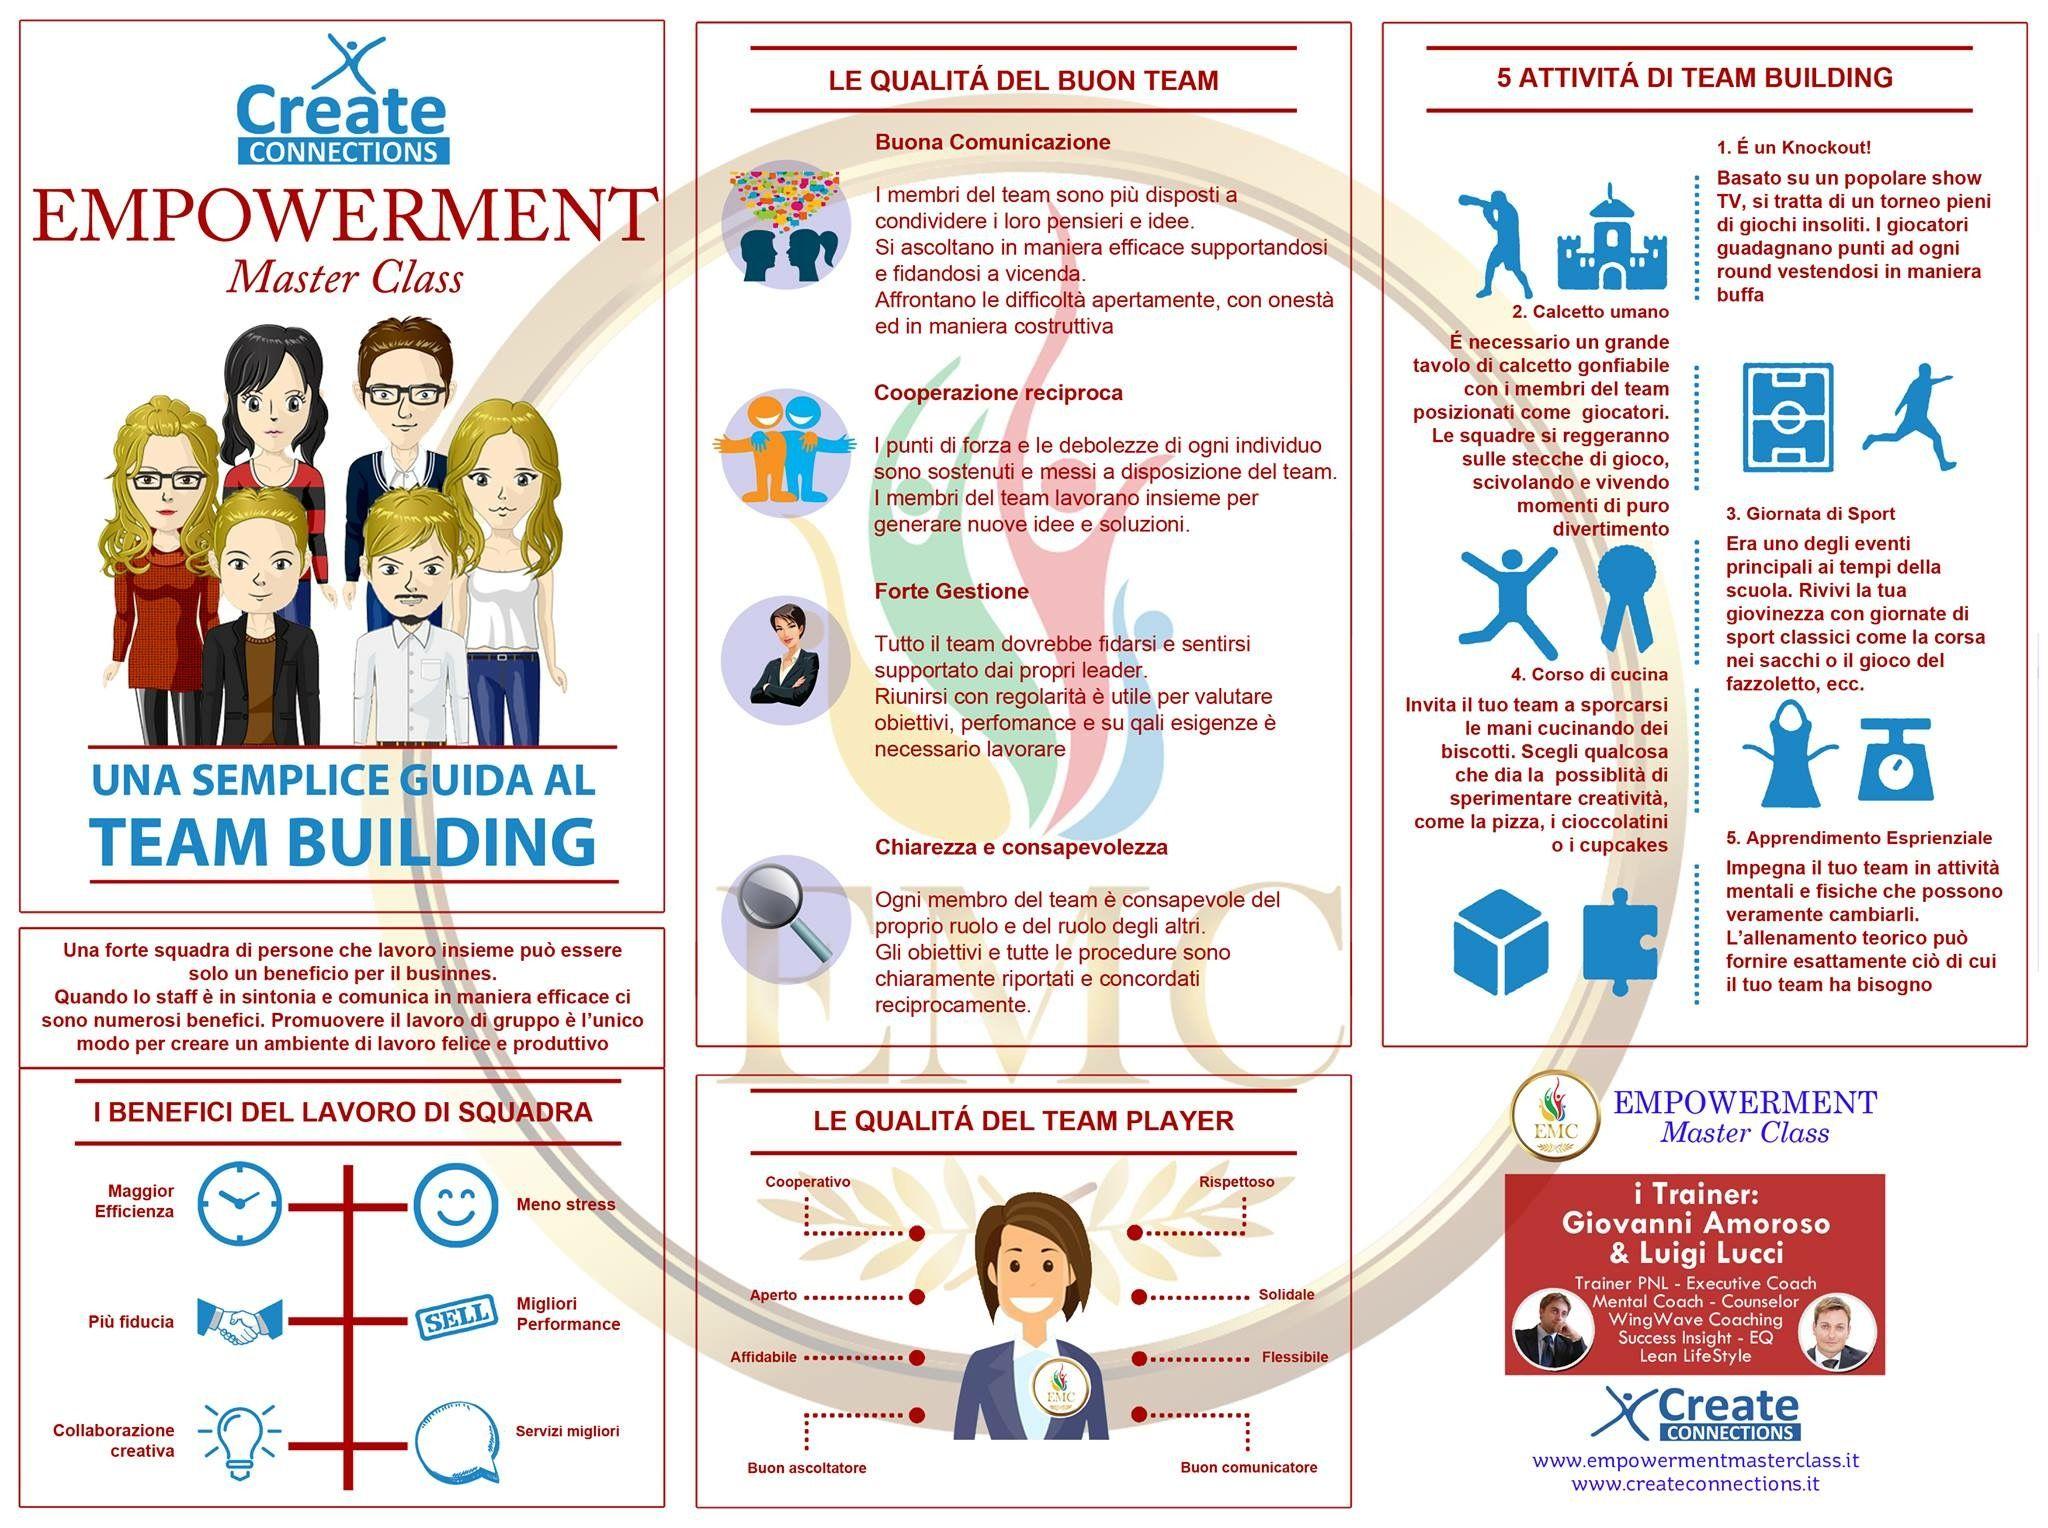 Avere un team unito è fonte di grandi risorse, ecco una semplice guida per il team building.  www.createconnections.it 😊🎯🌈